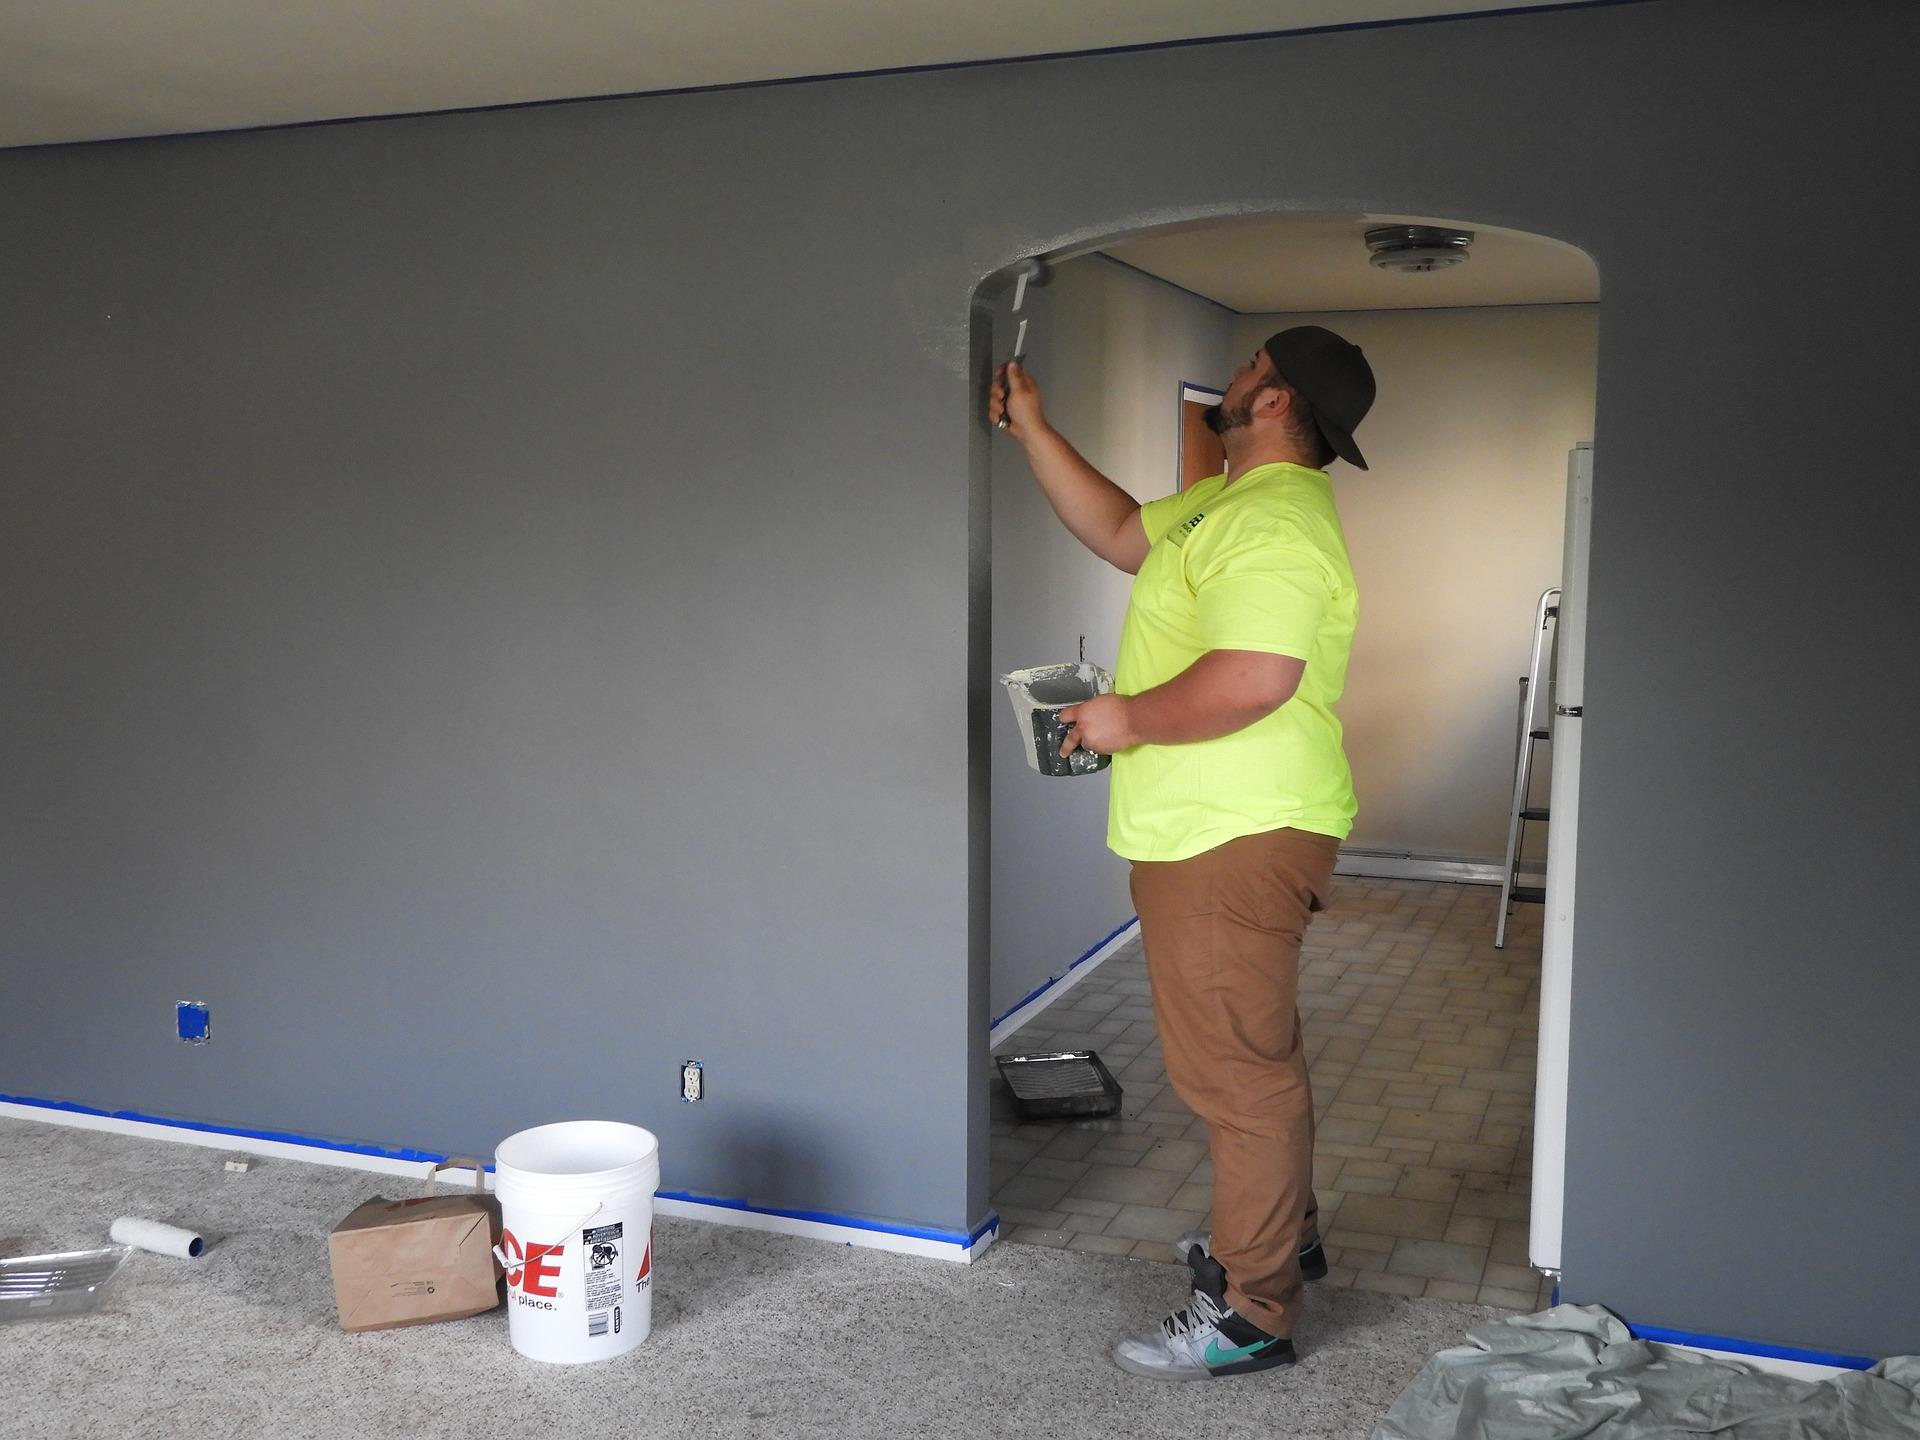 Mann streicht Wände